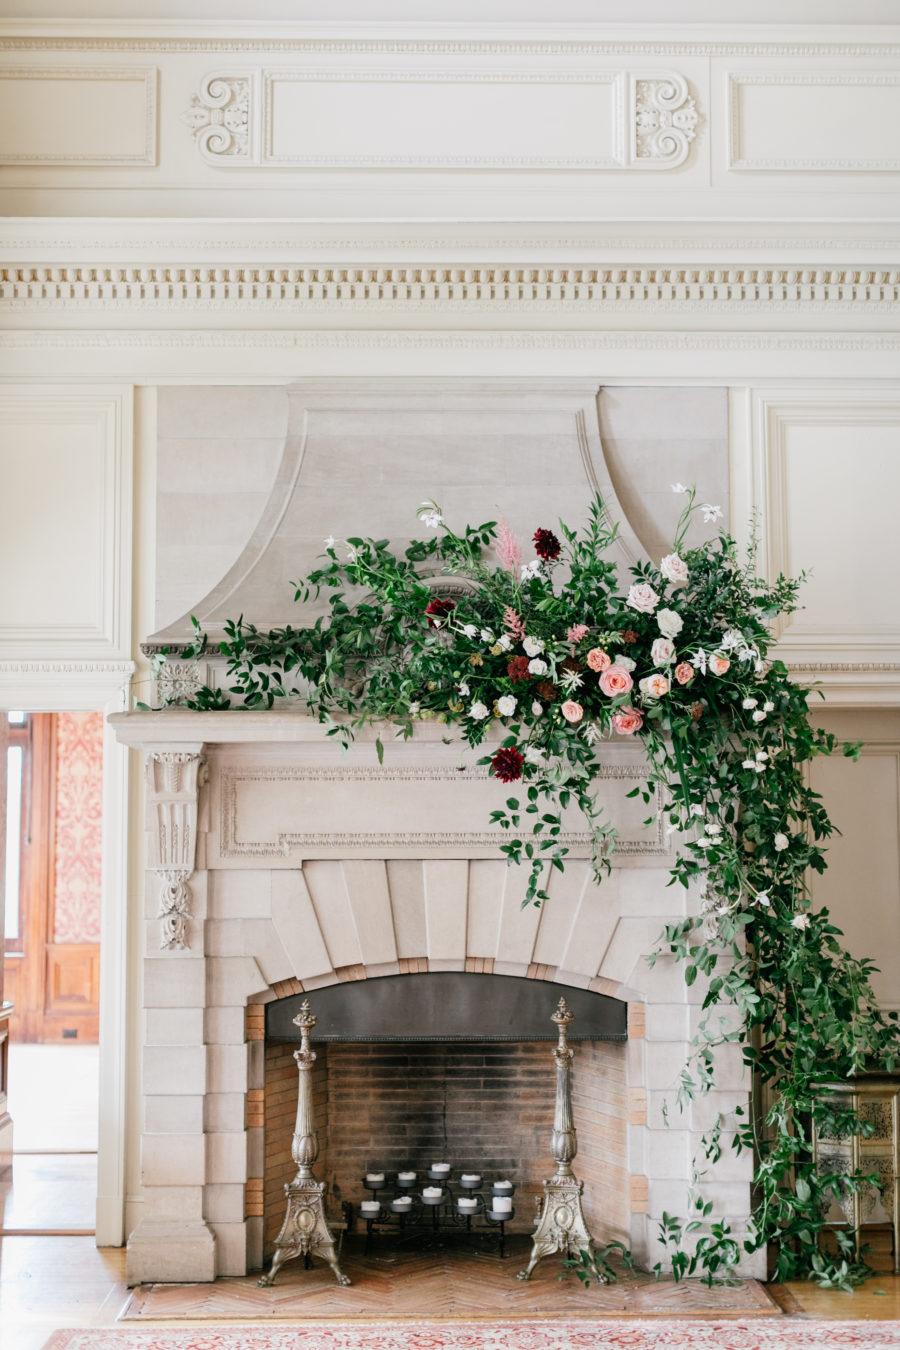 Wedding Venue Floral Mantel Display